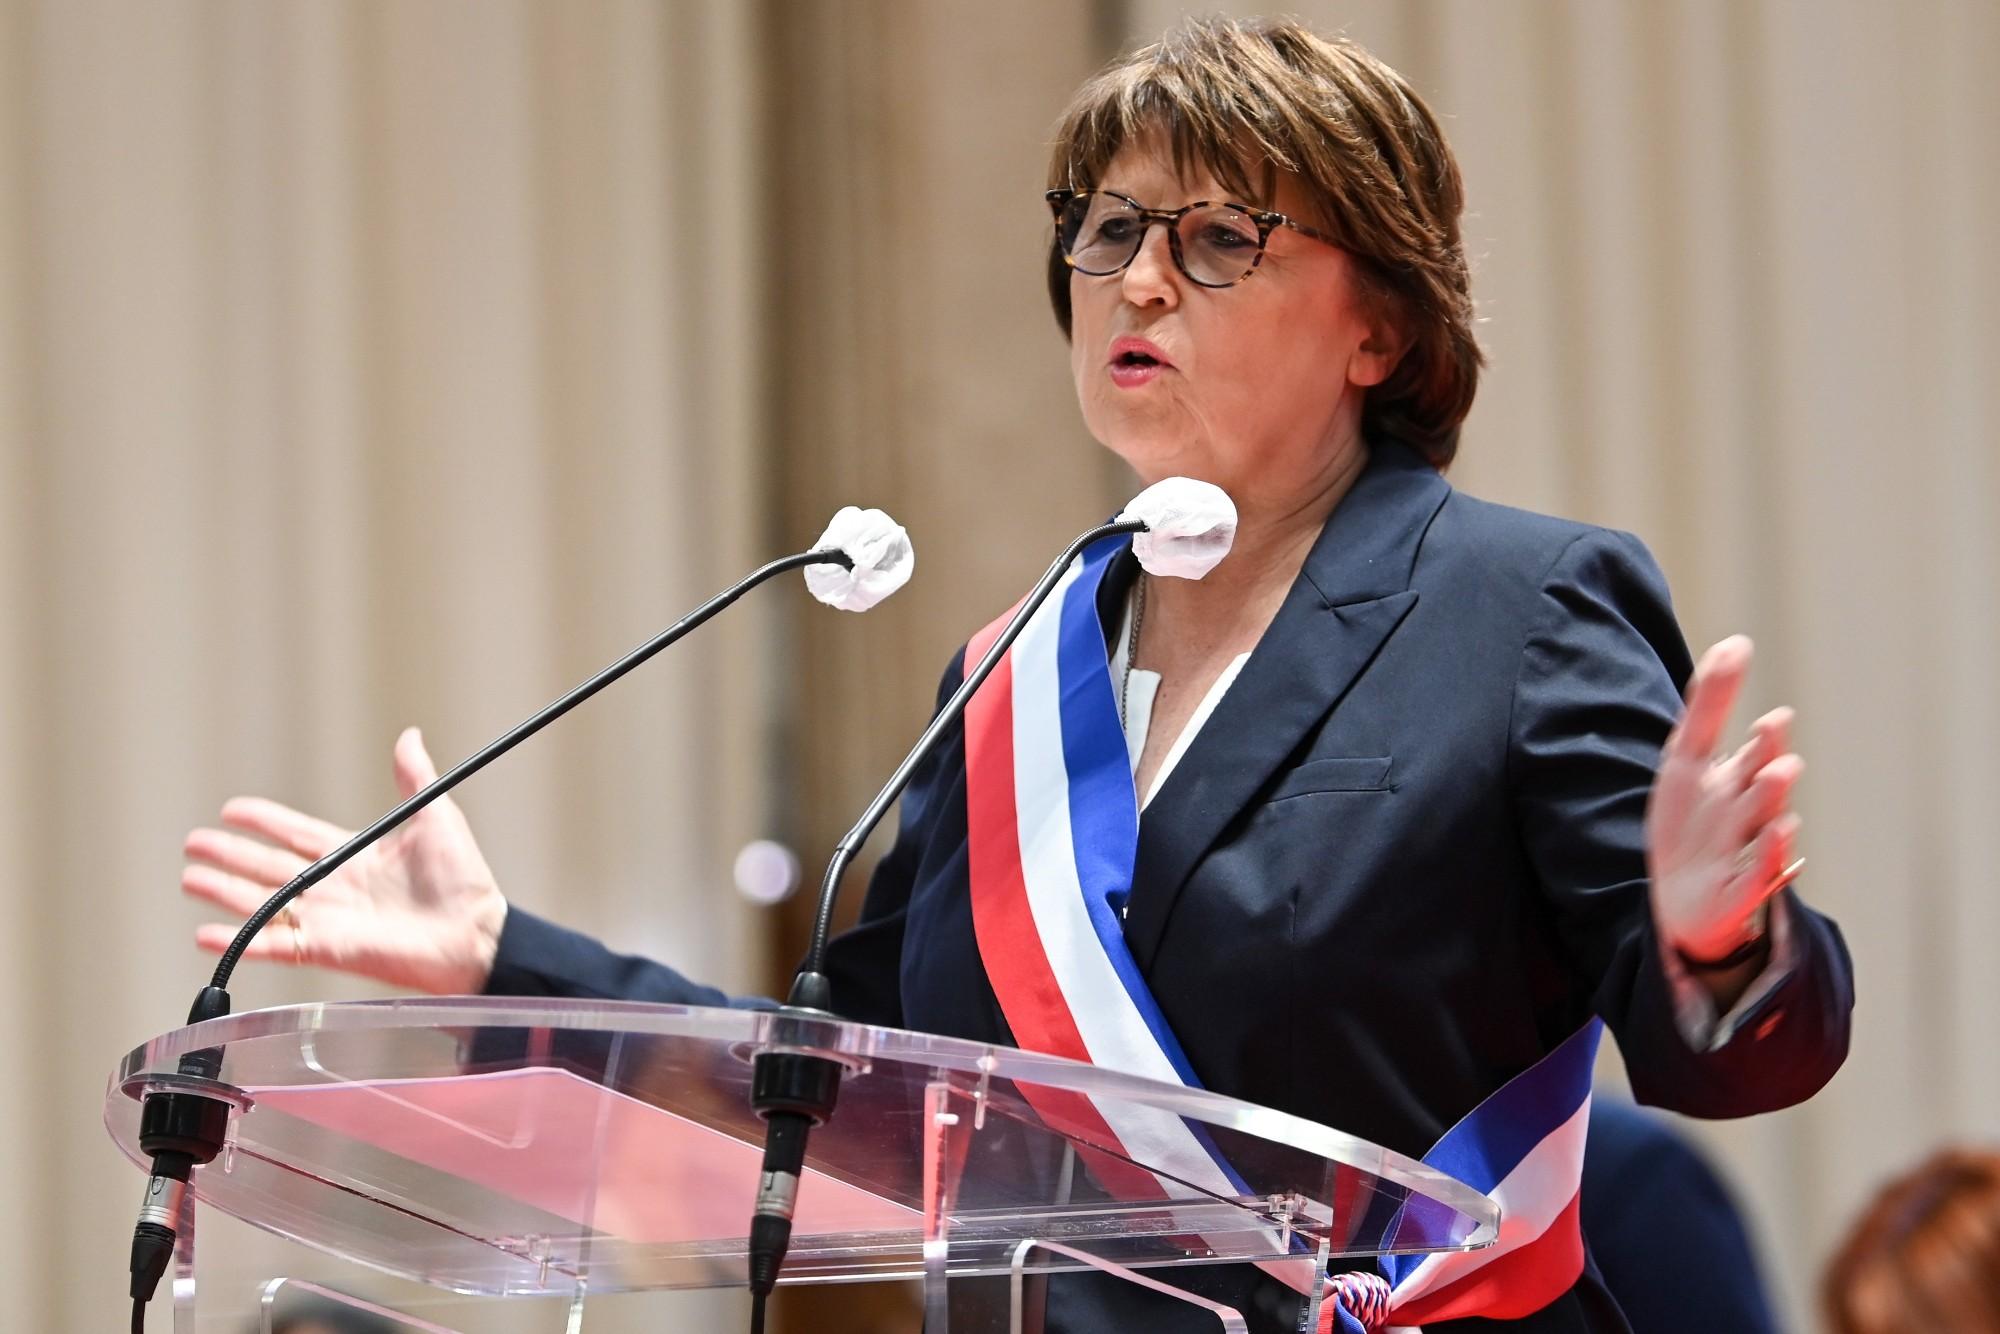 """Vaccin : Martine Aubry demande au gouvernement de """"dire la vérité"""" sur les délais"""